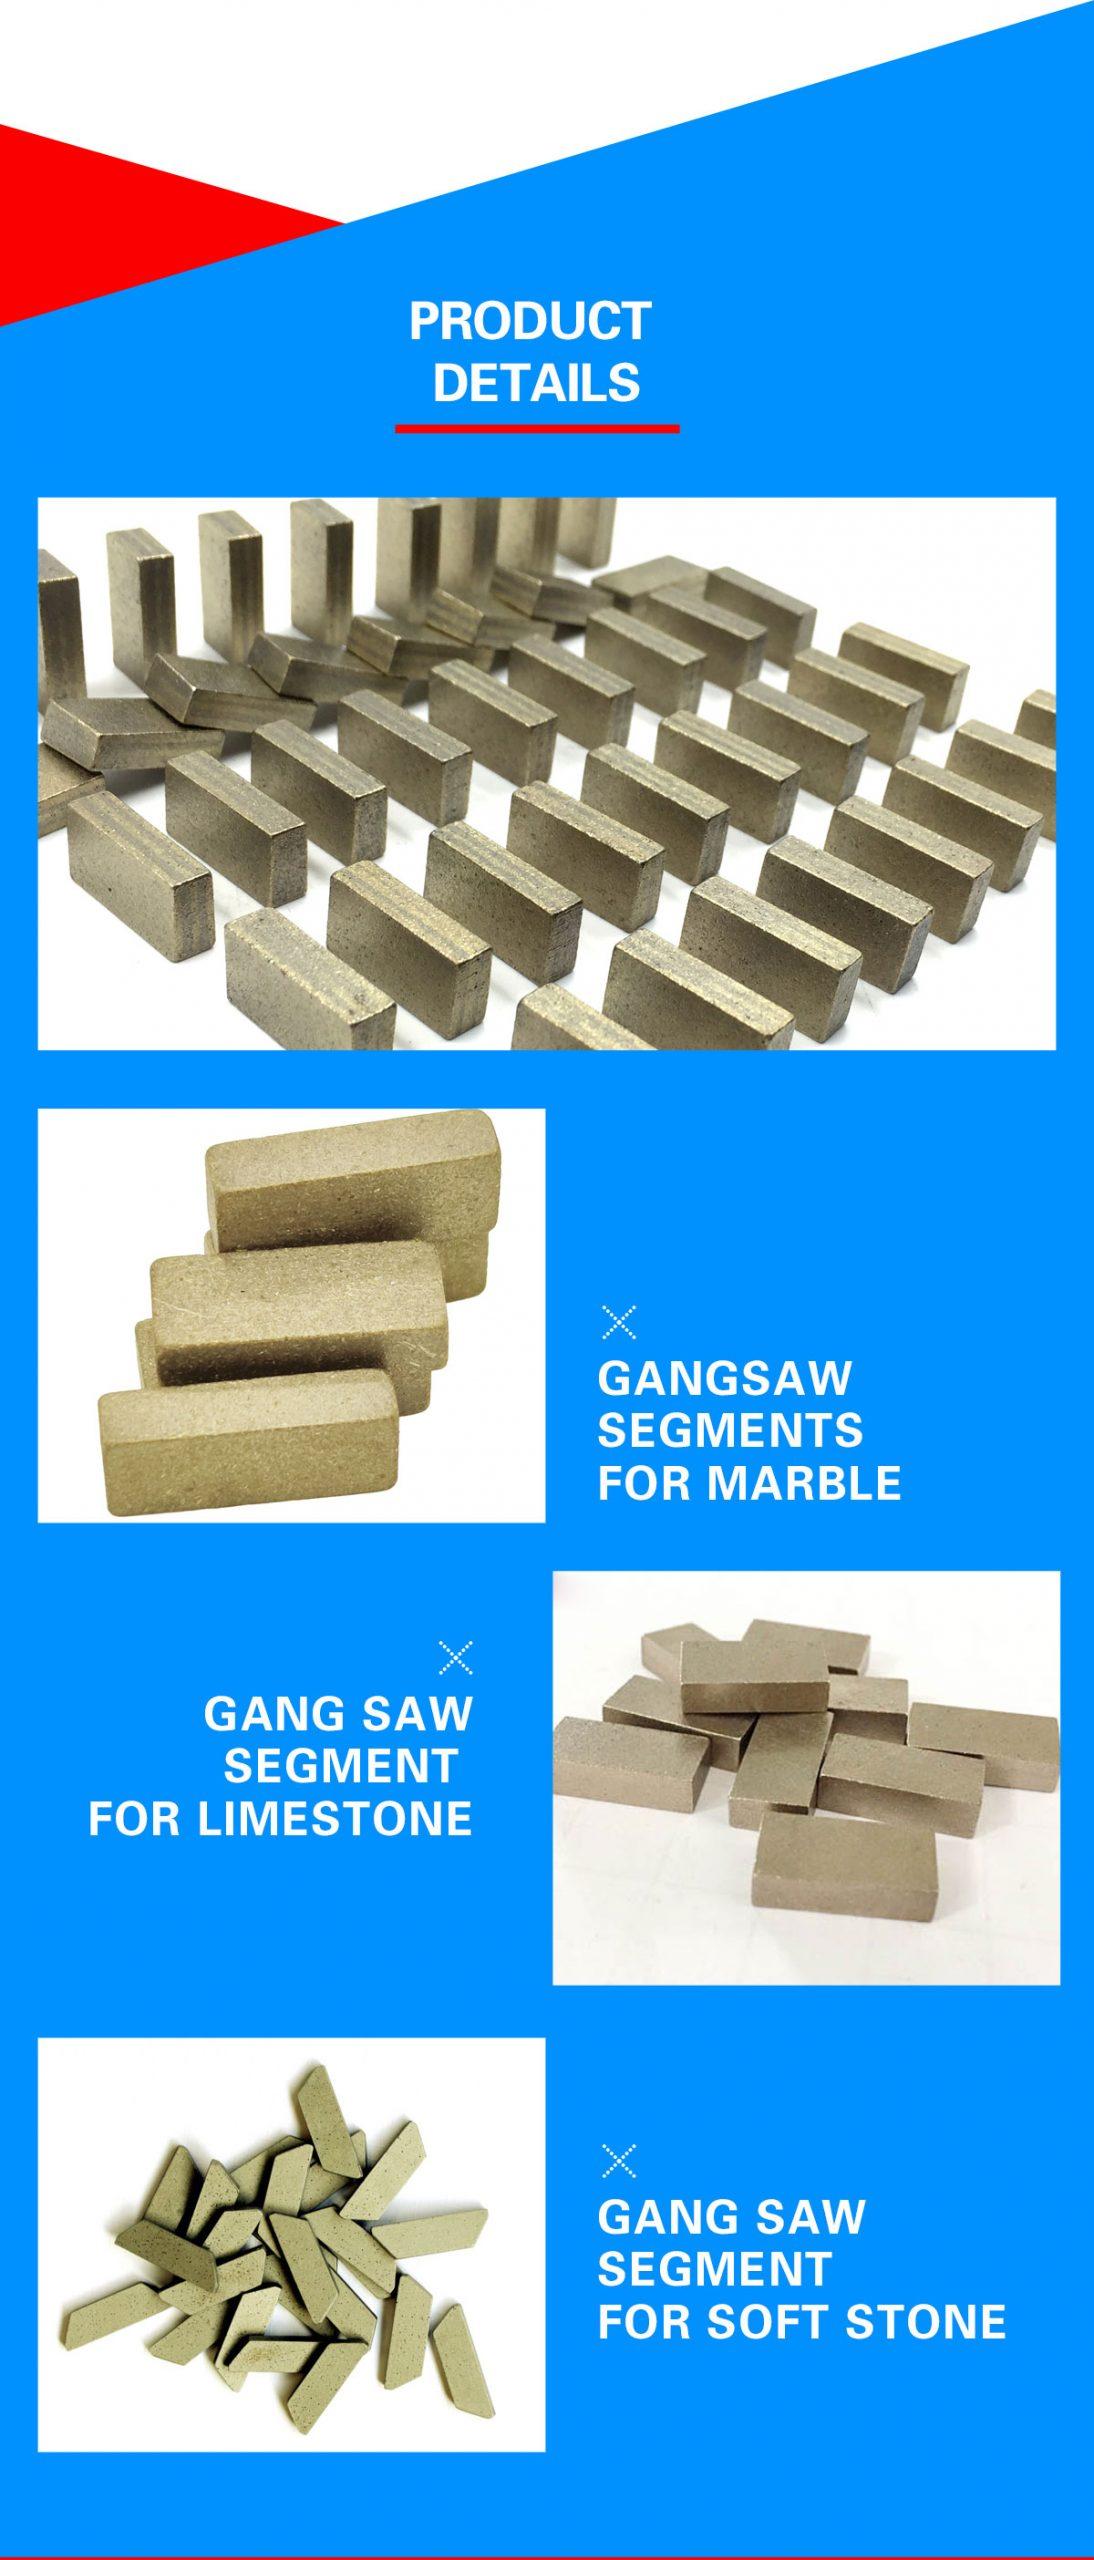 gangsaw segments for soft stones cutting